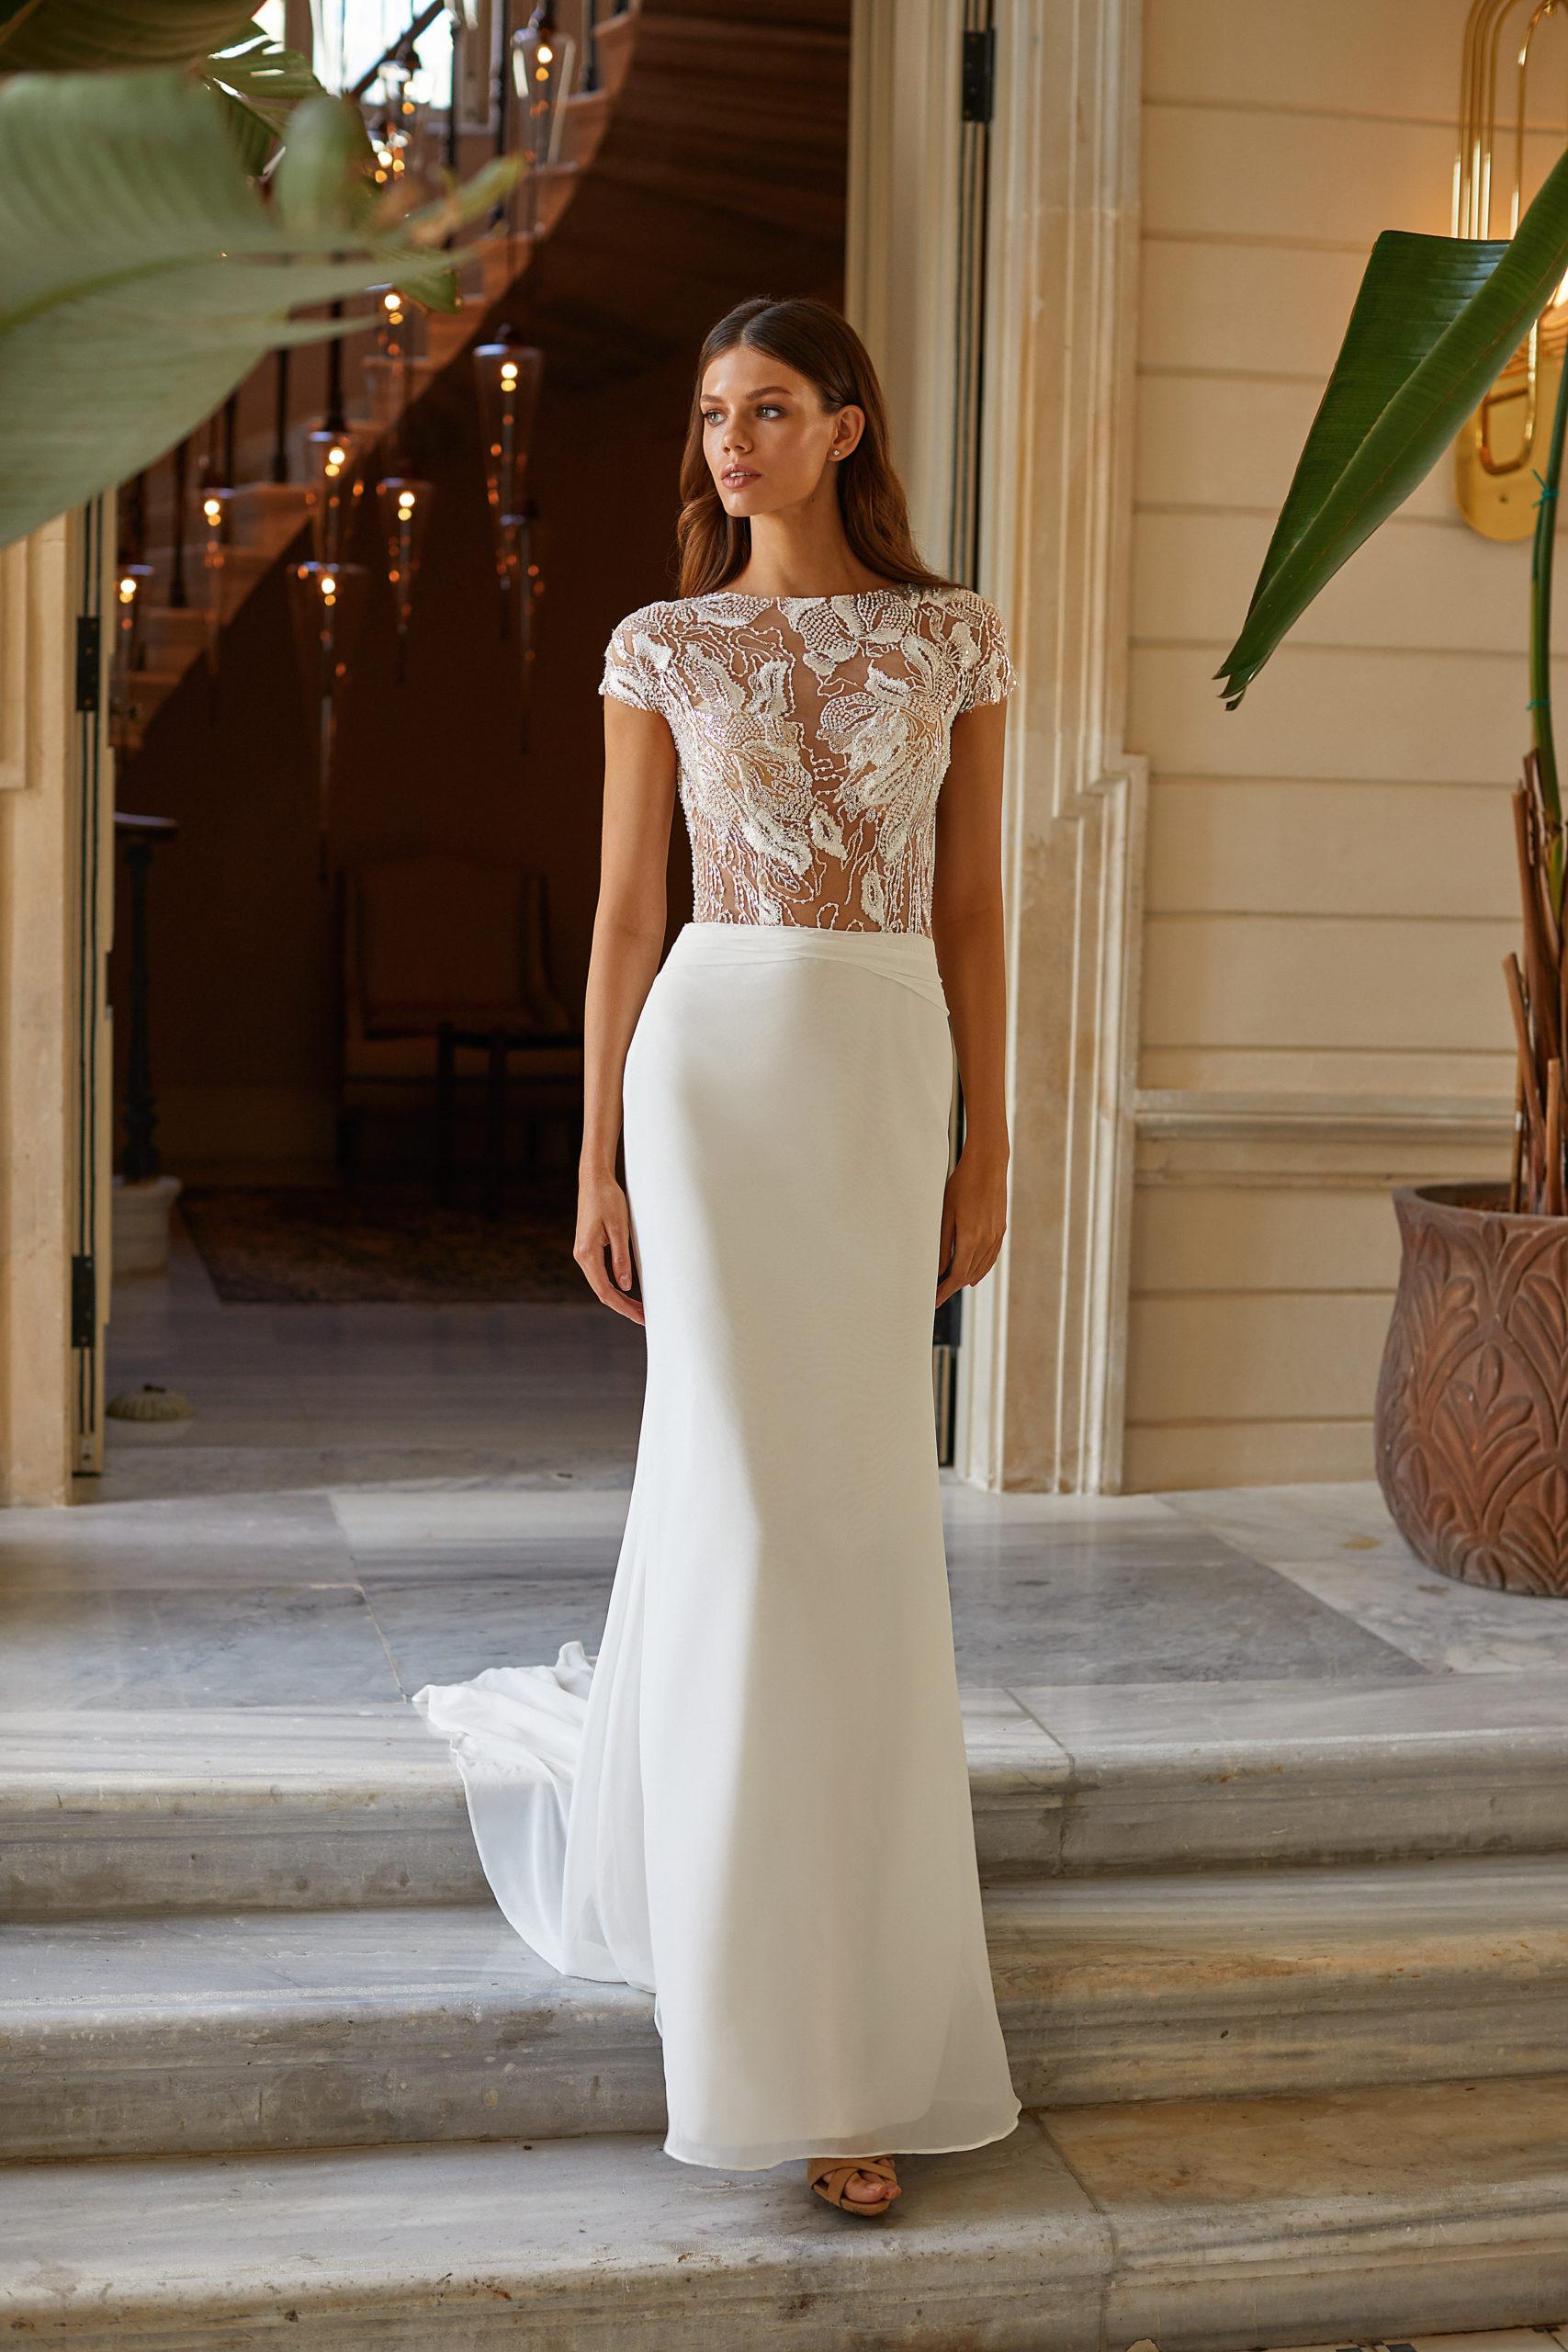 Sublimes robes de mariée à Genève Stéphanie millanova White and Lace simple classique civil élégant t-shirt manches courtes fleurs transparents boutons dos long mousseline